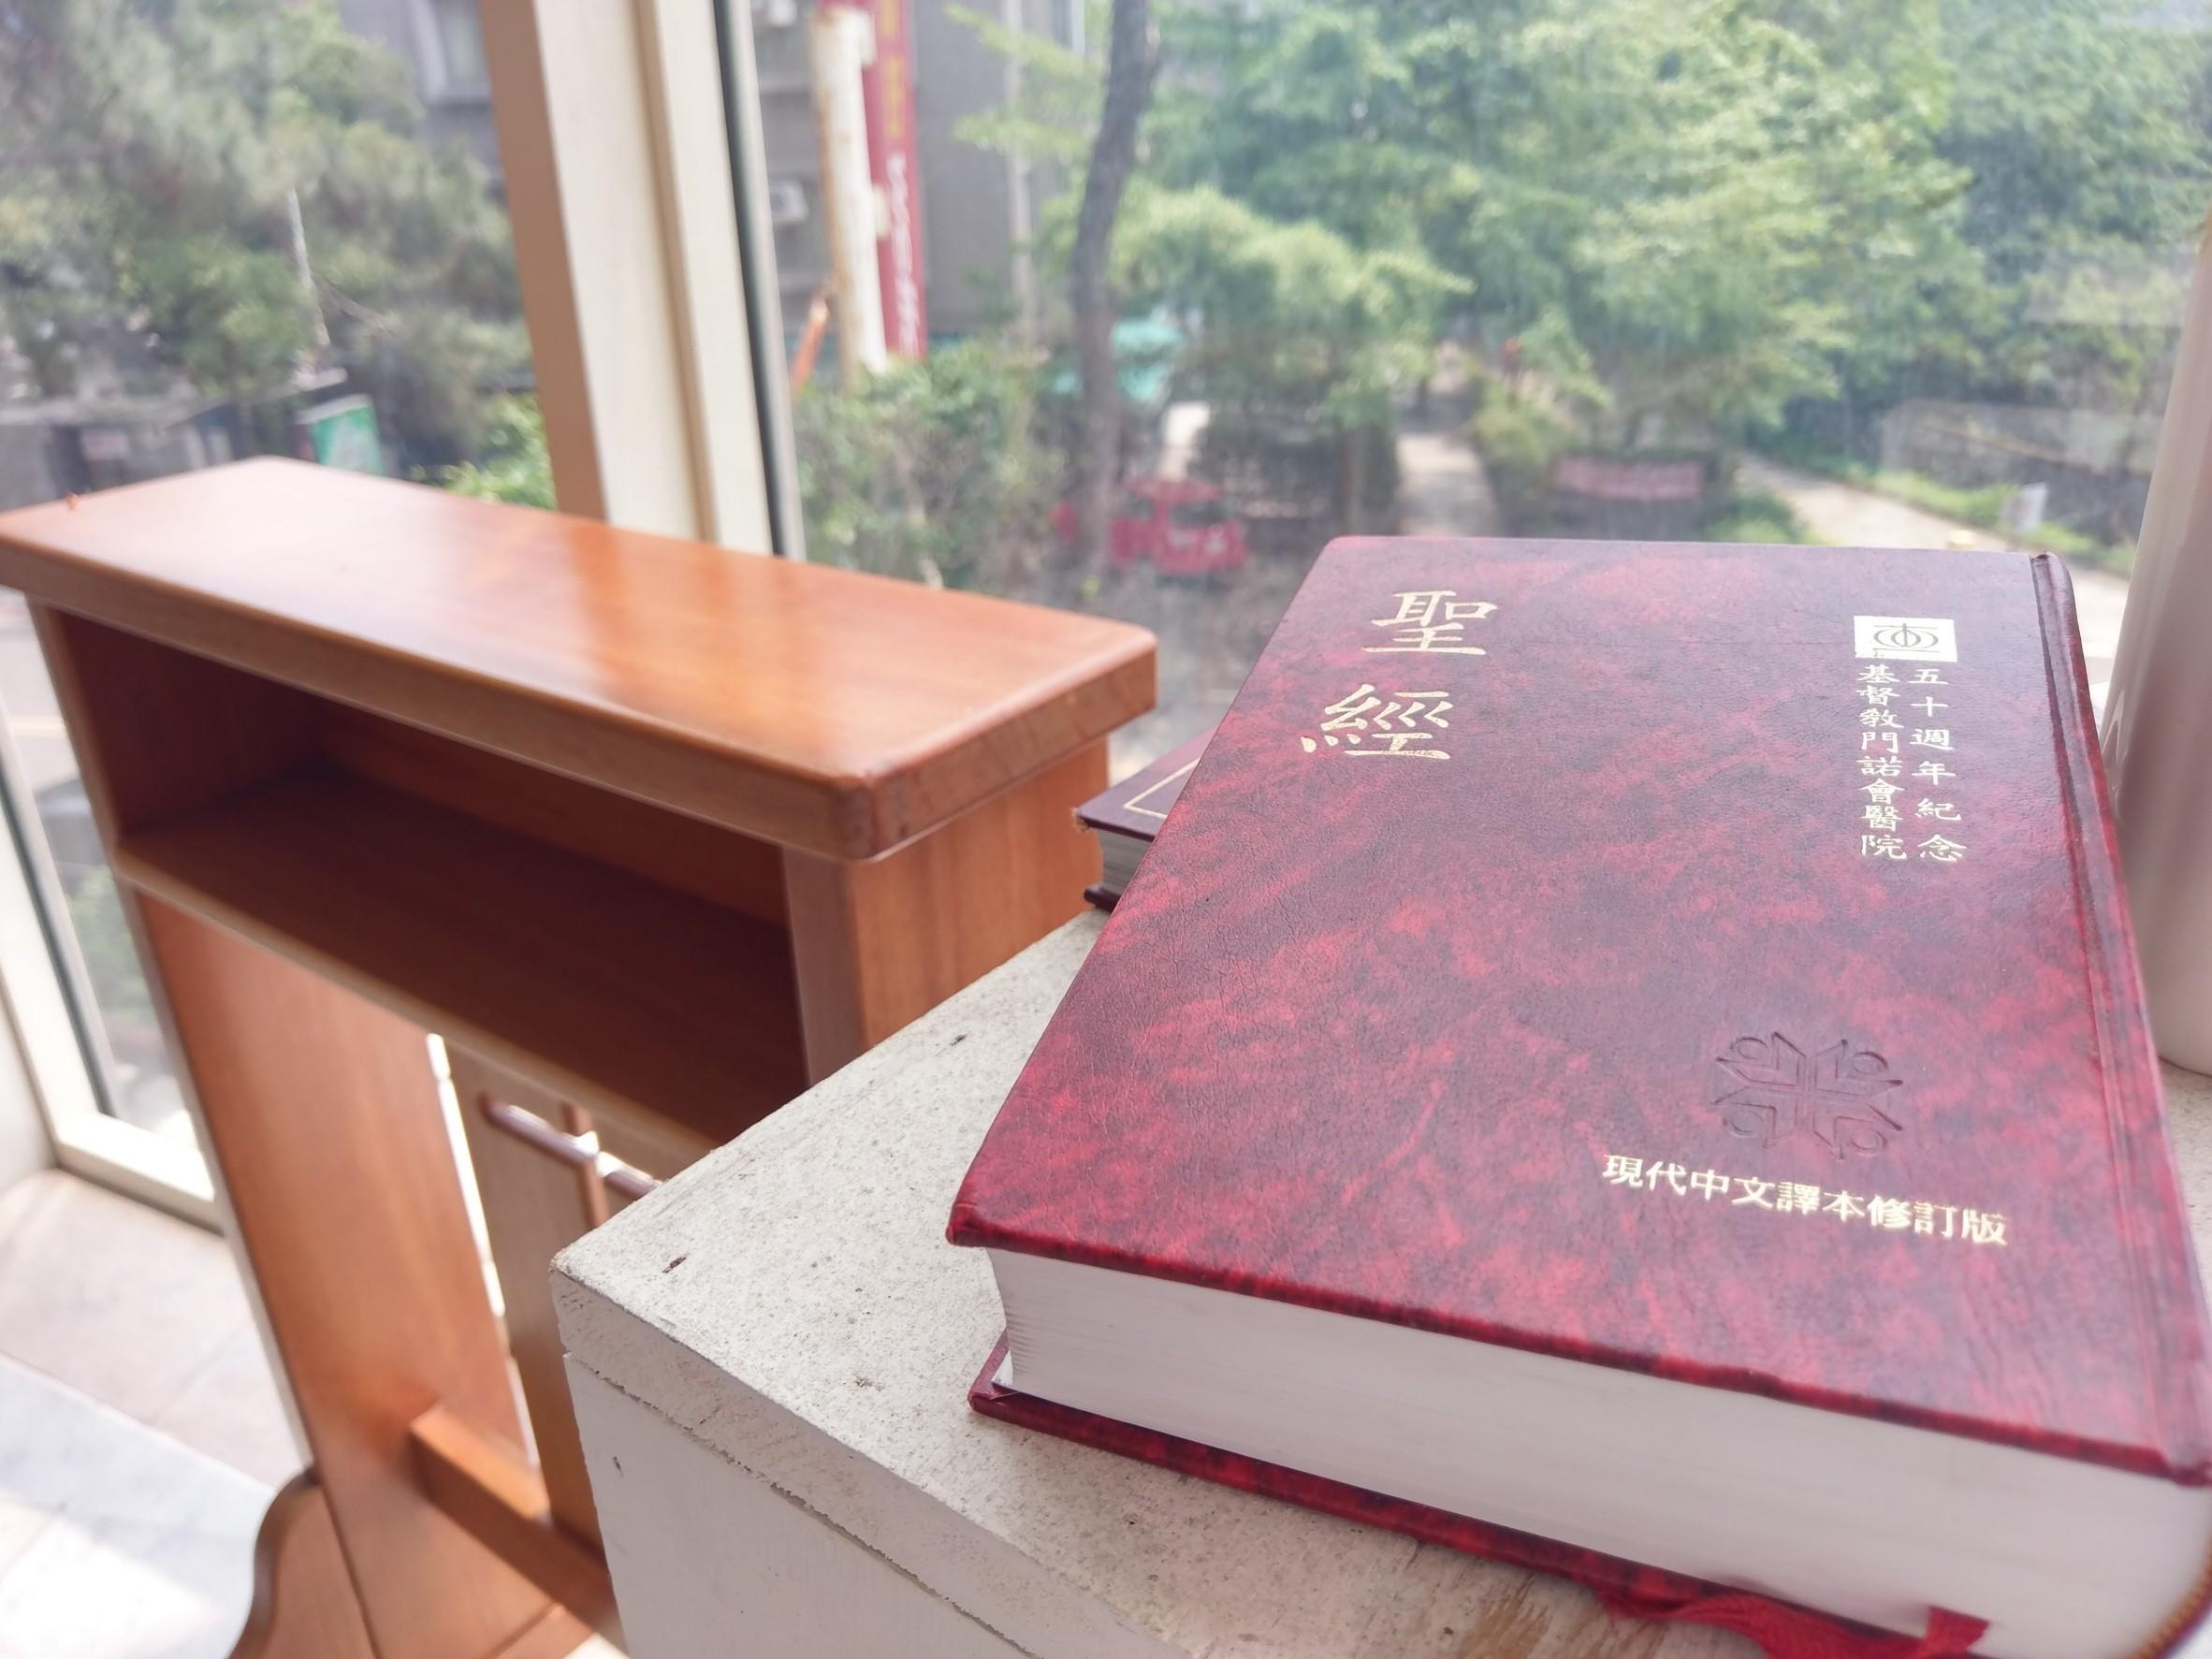 陽明常春護理之家-宗教區